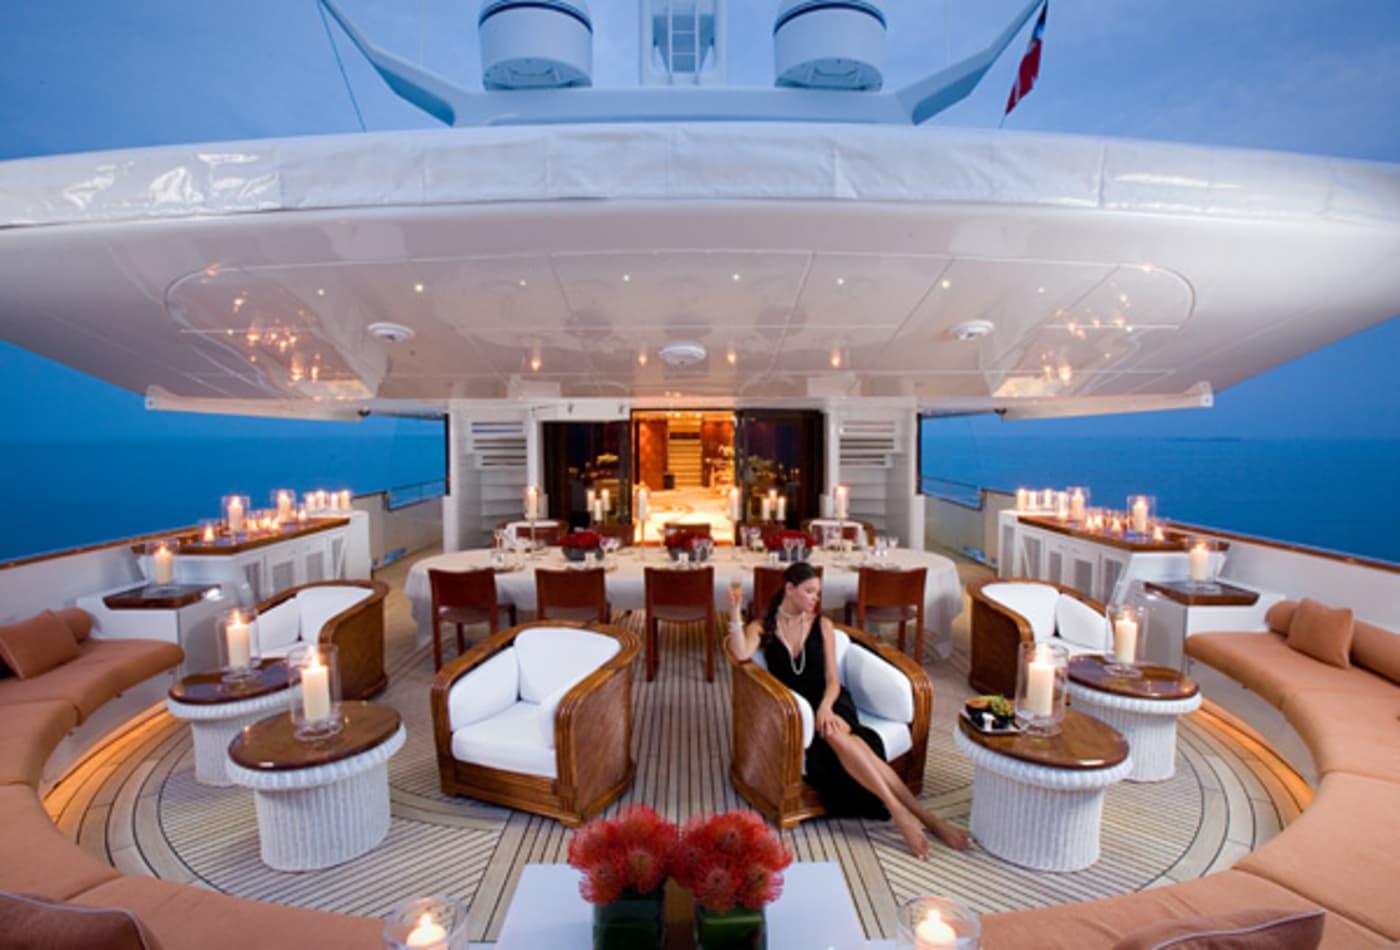 Yachts-at-a-discount-badgirl-interior.jpg